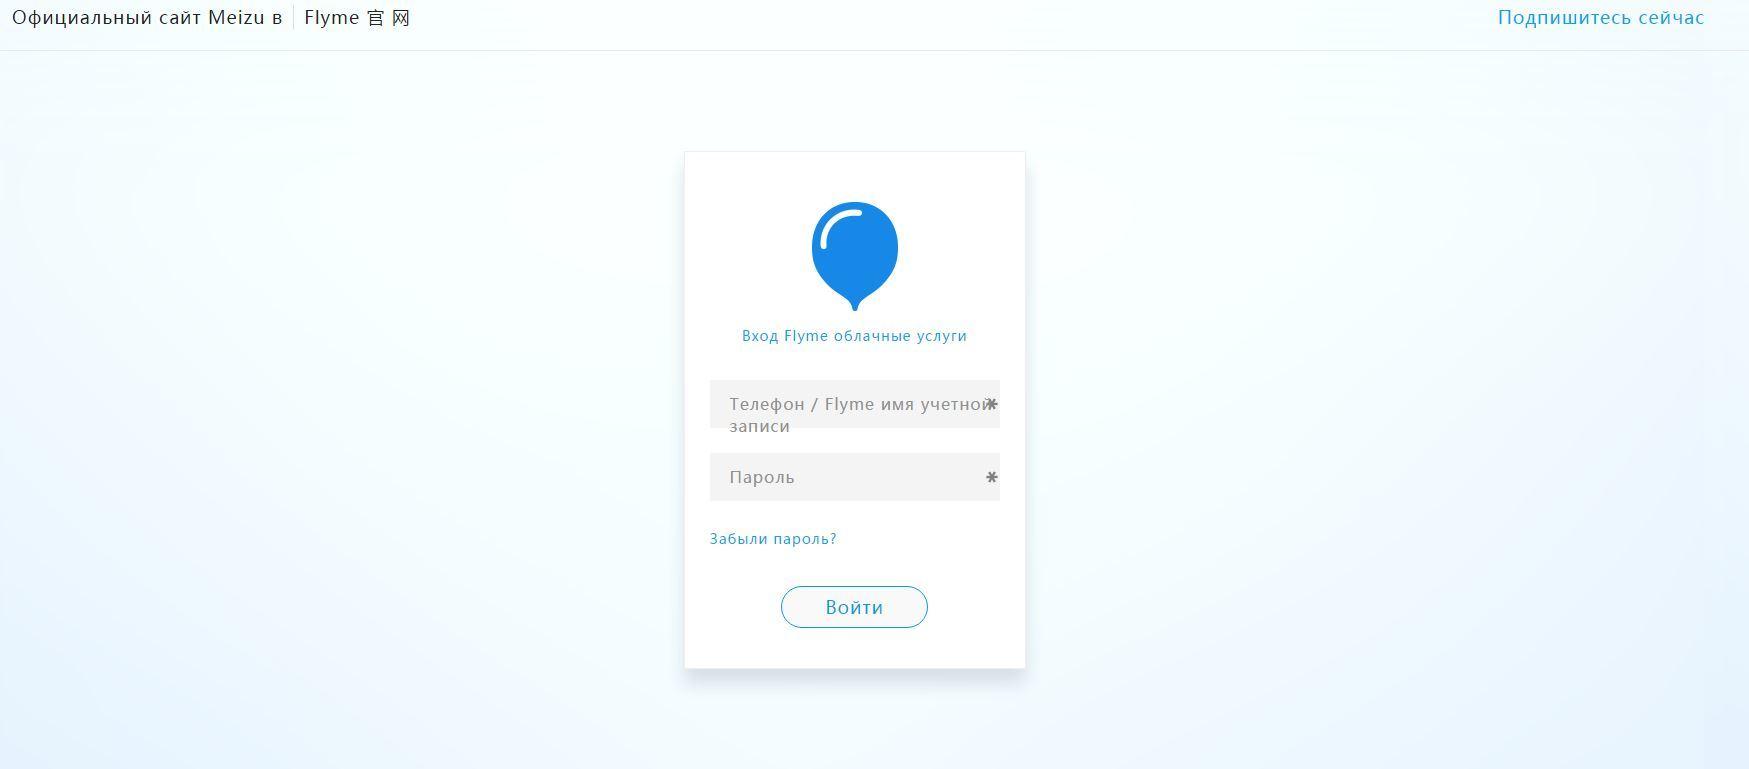 Что делать если забыл пароль акаунта флайм